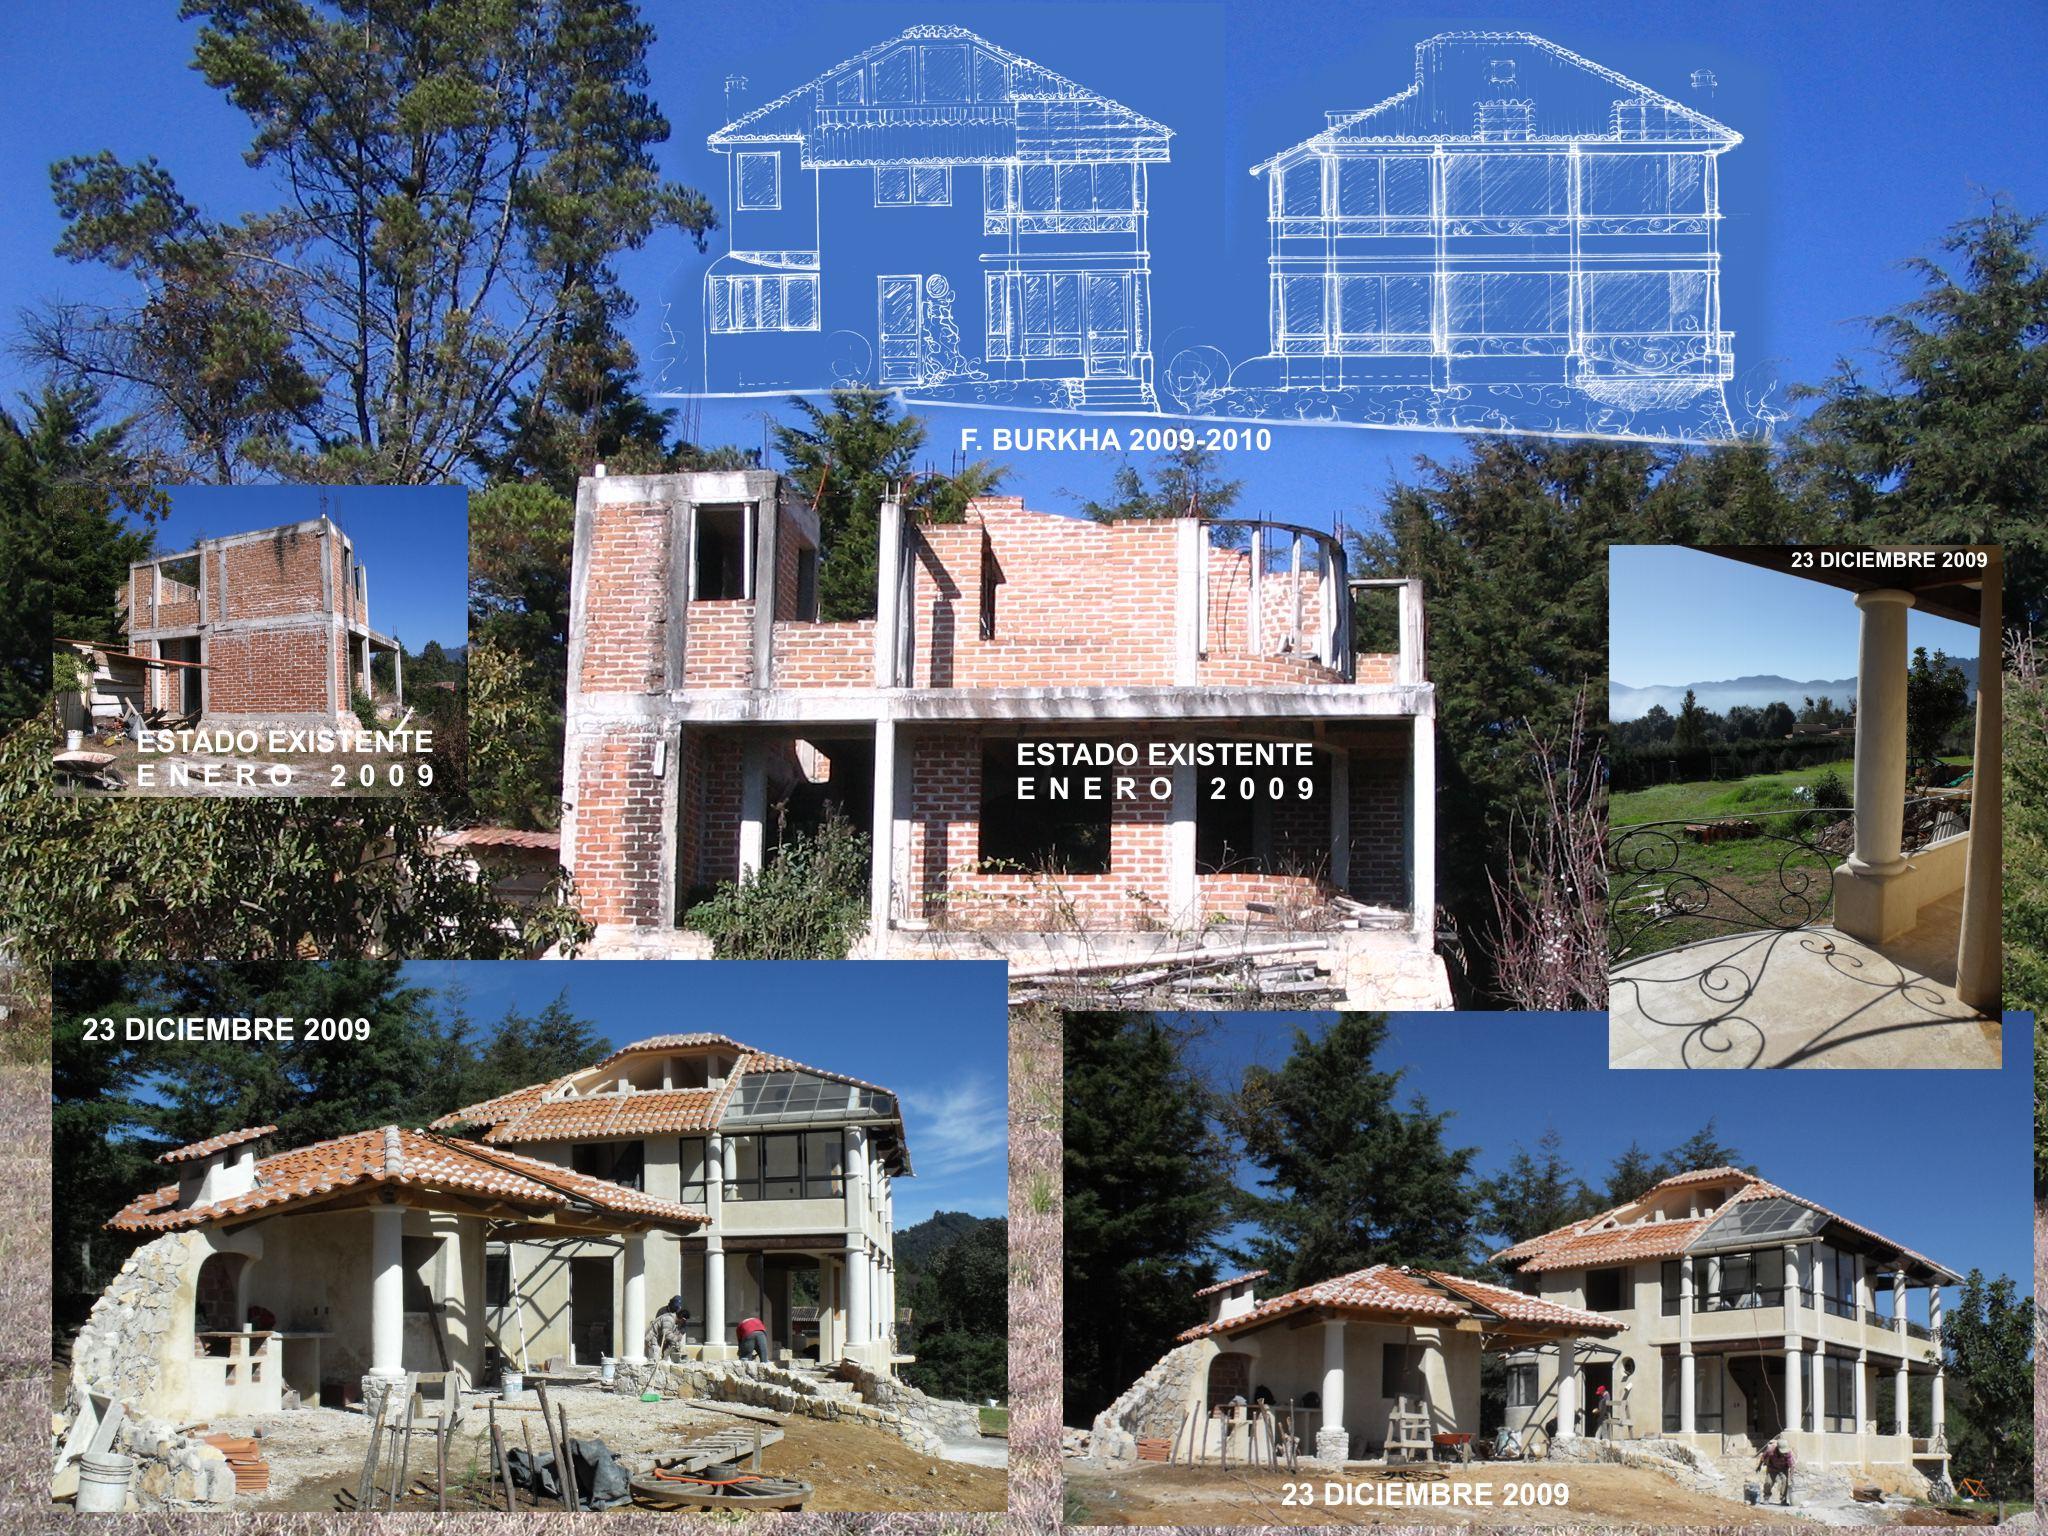 Proyecto priv primavera2010 f burkha - Proyectos de casas ...